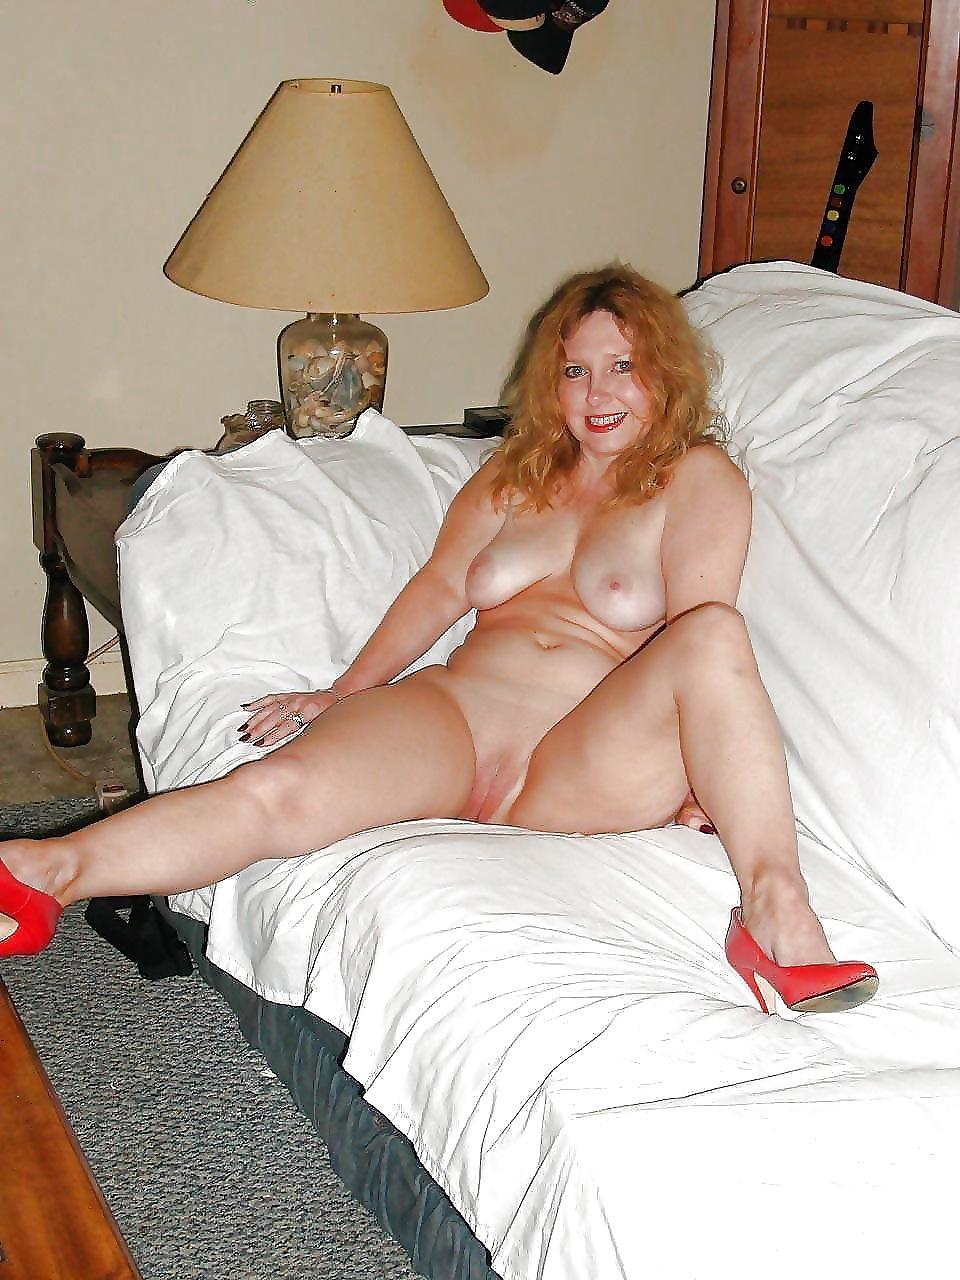 10 12 - Fotos de Mujeres desnudas con tacones rojos